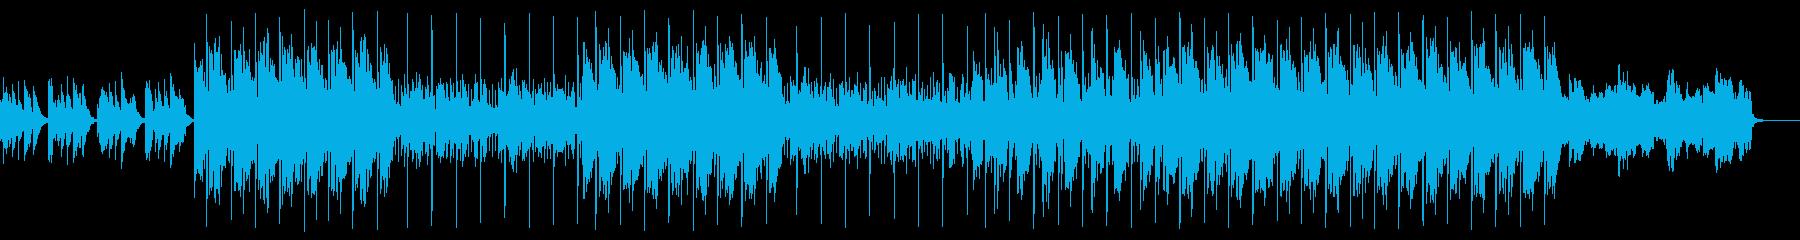 感動的 悲しい トラップの再生済みの波形